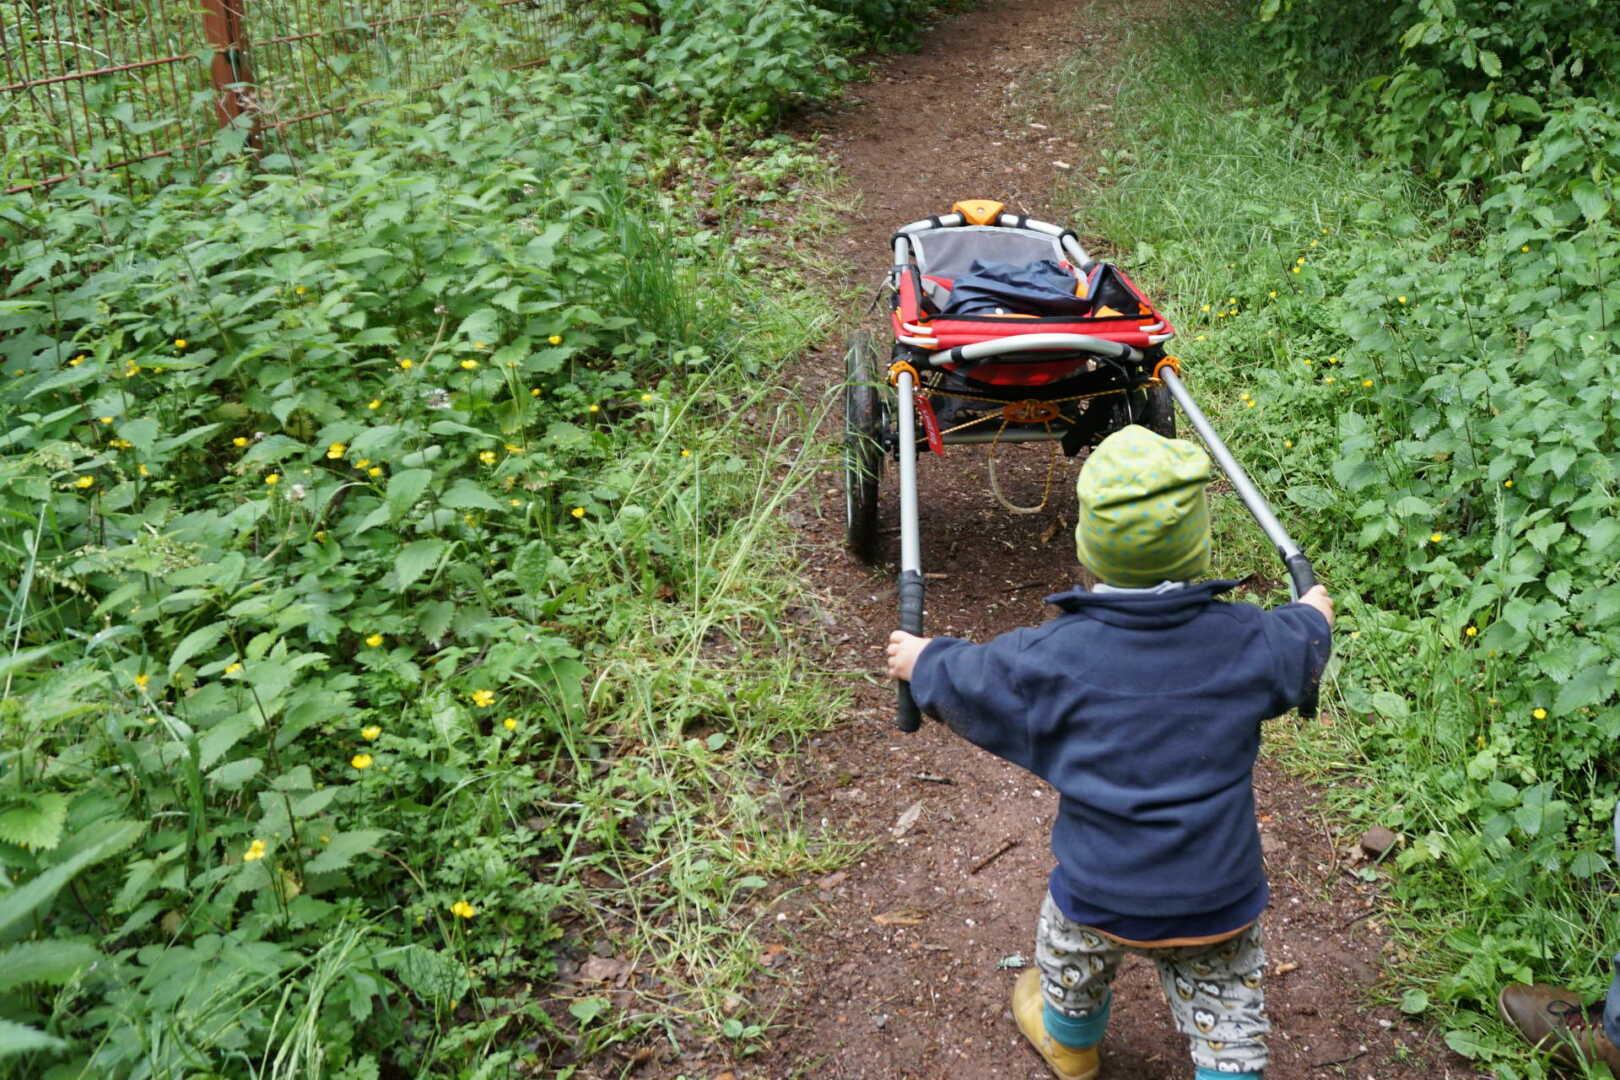 Kind schiebt den Hike Kid Offroad Kinderwagen durch den Wald